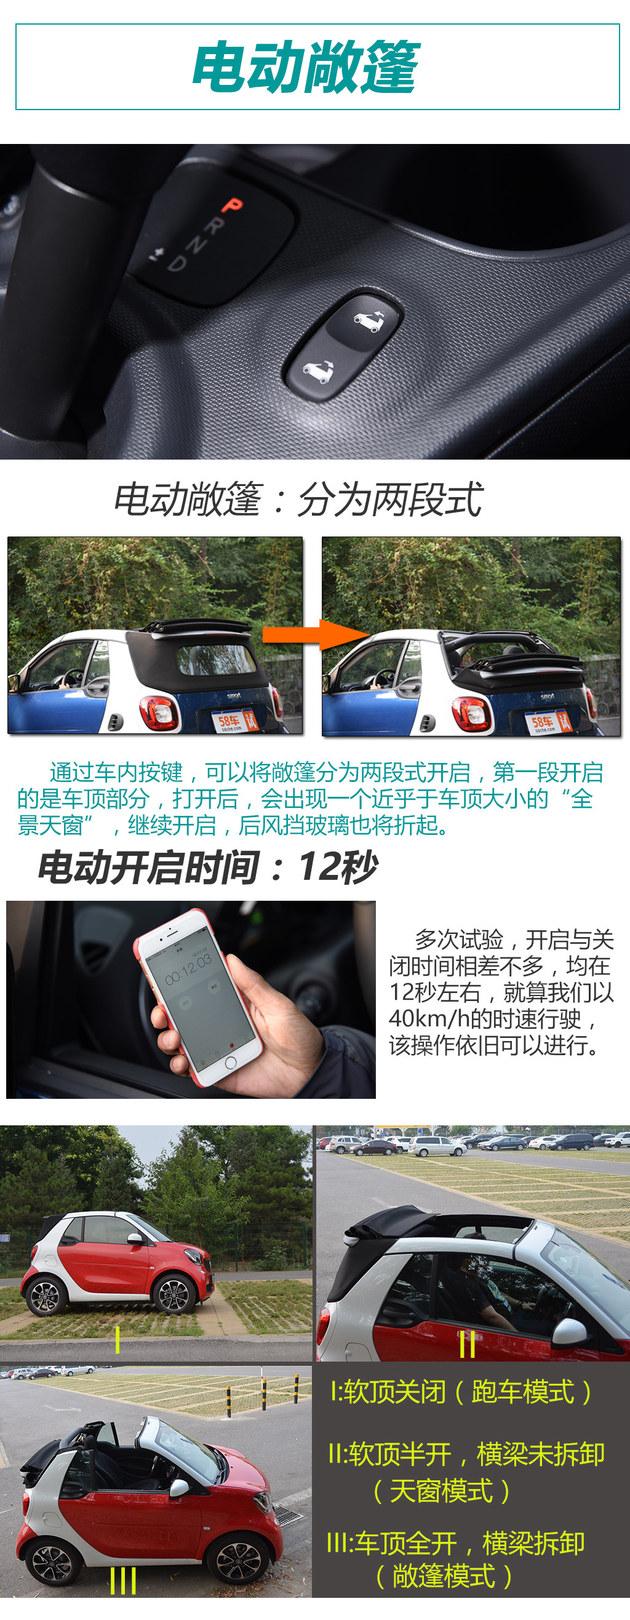 试驾smart 1.0L敞篷版 天生就是萌萌哒